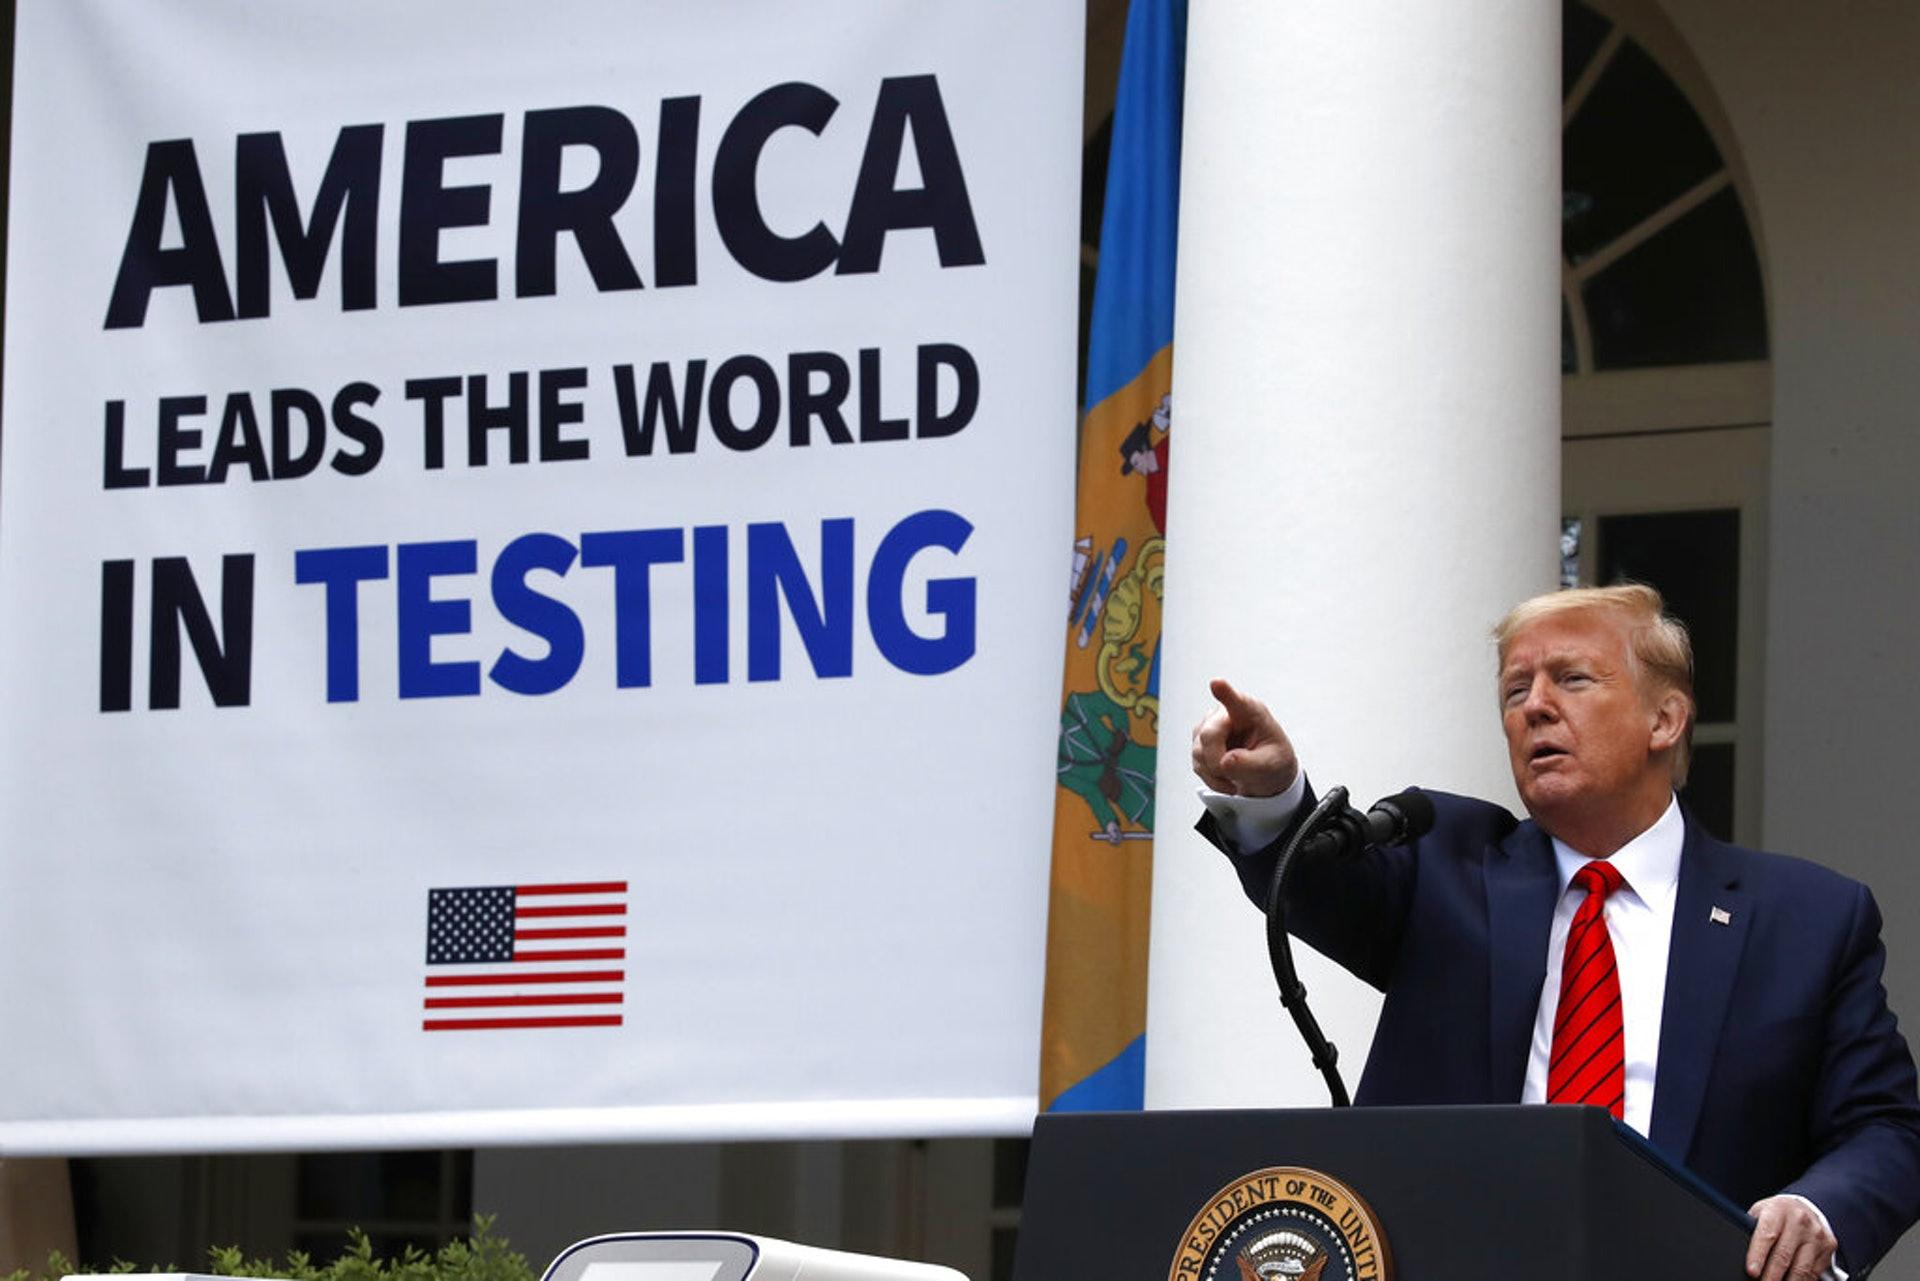 美國新冠肺炎疫情:圖為美國總統特朗普5月11日在白宮出席記者會,談及國內疫情狀況。(AP)